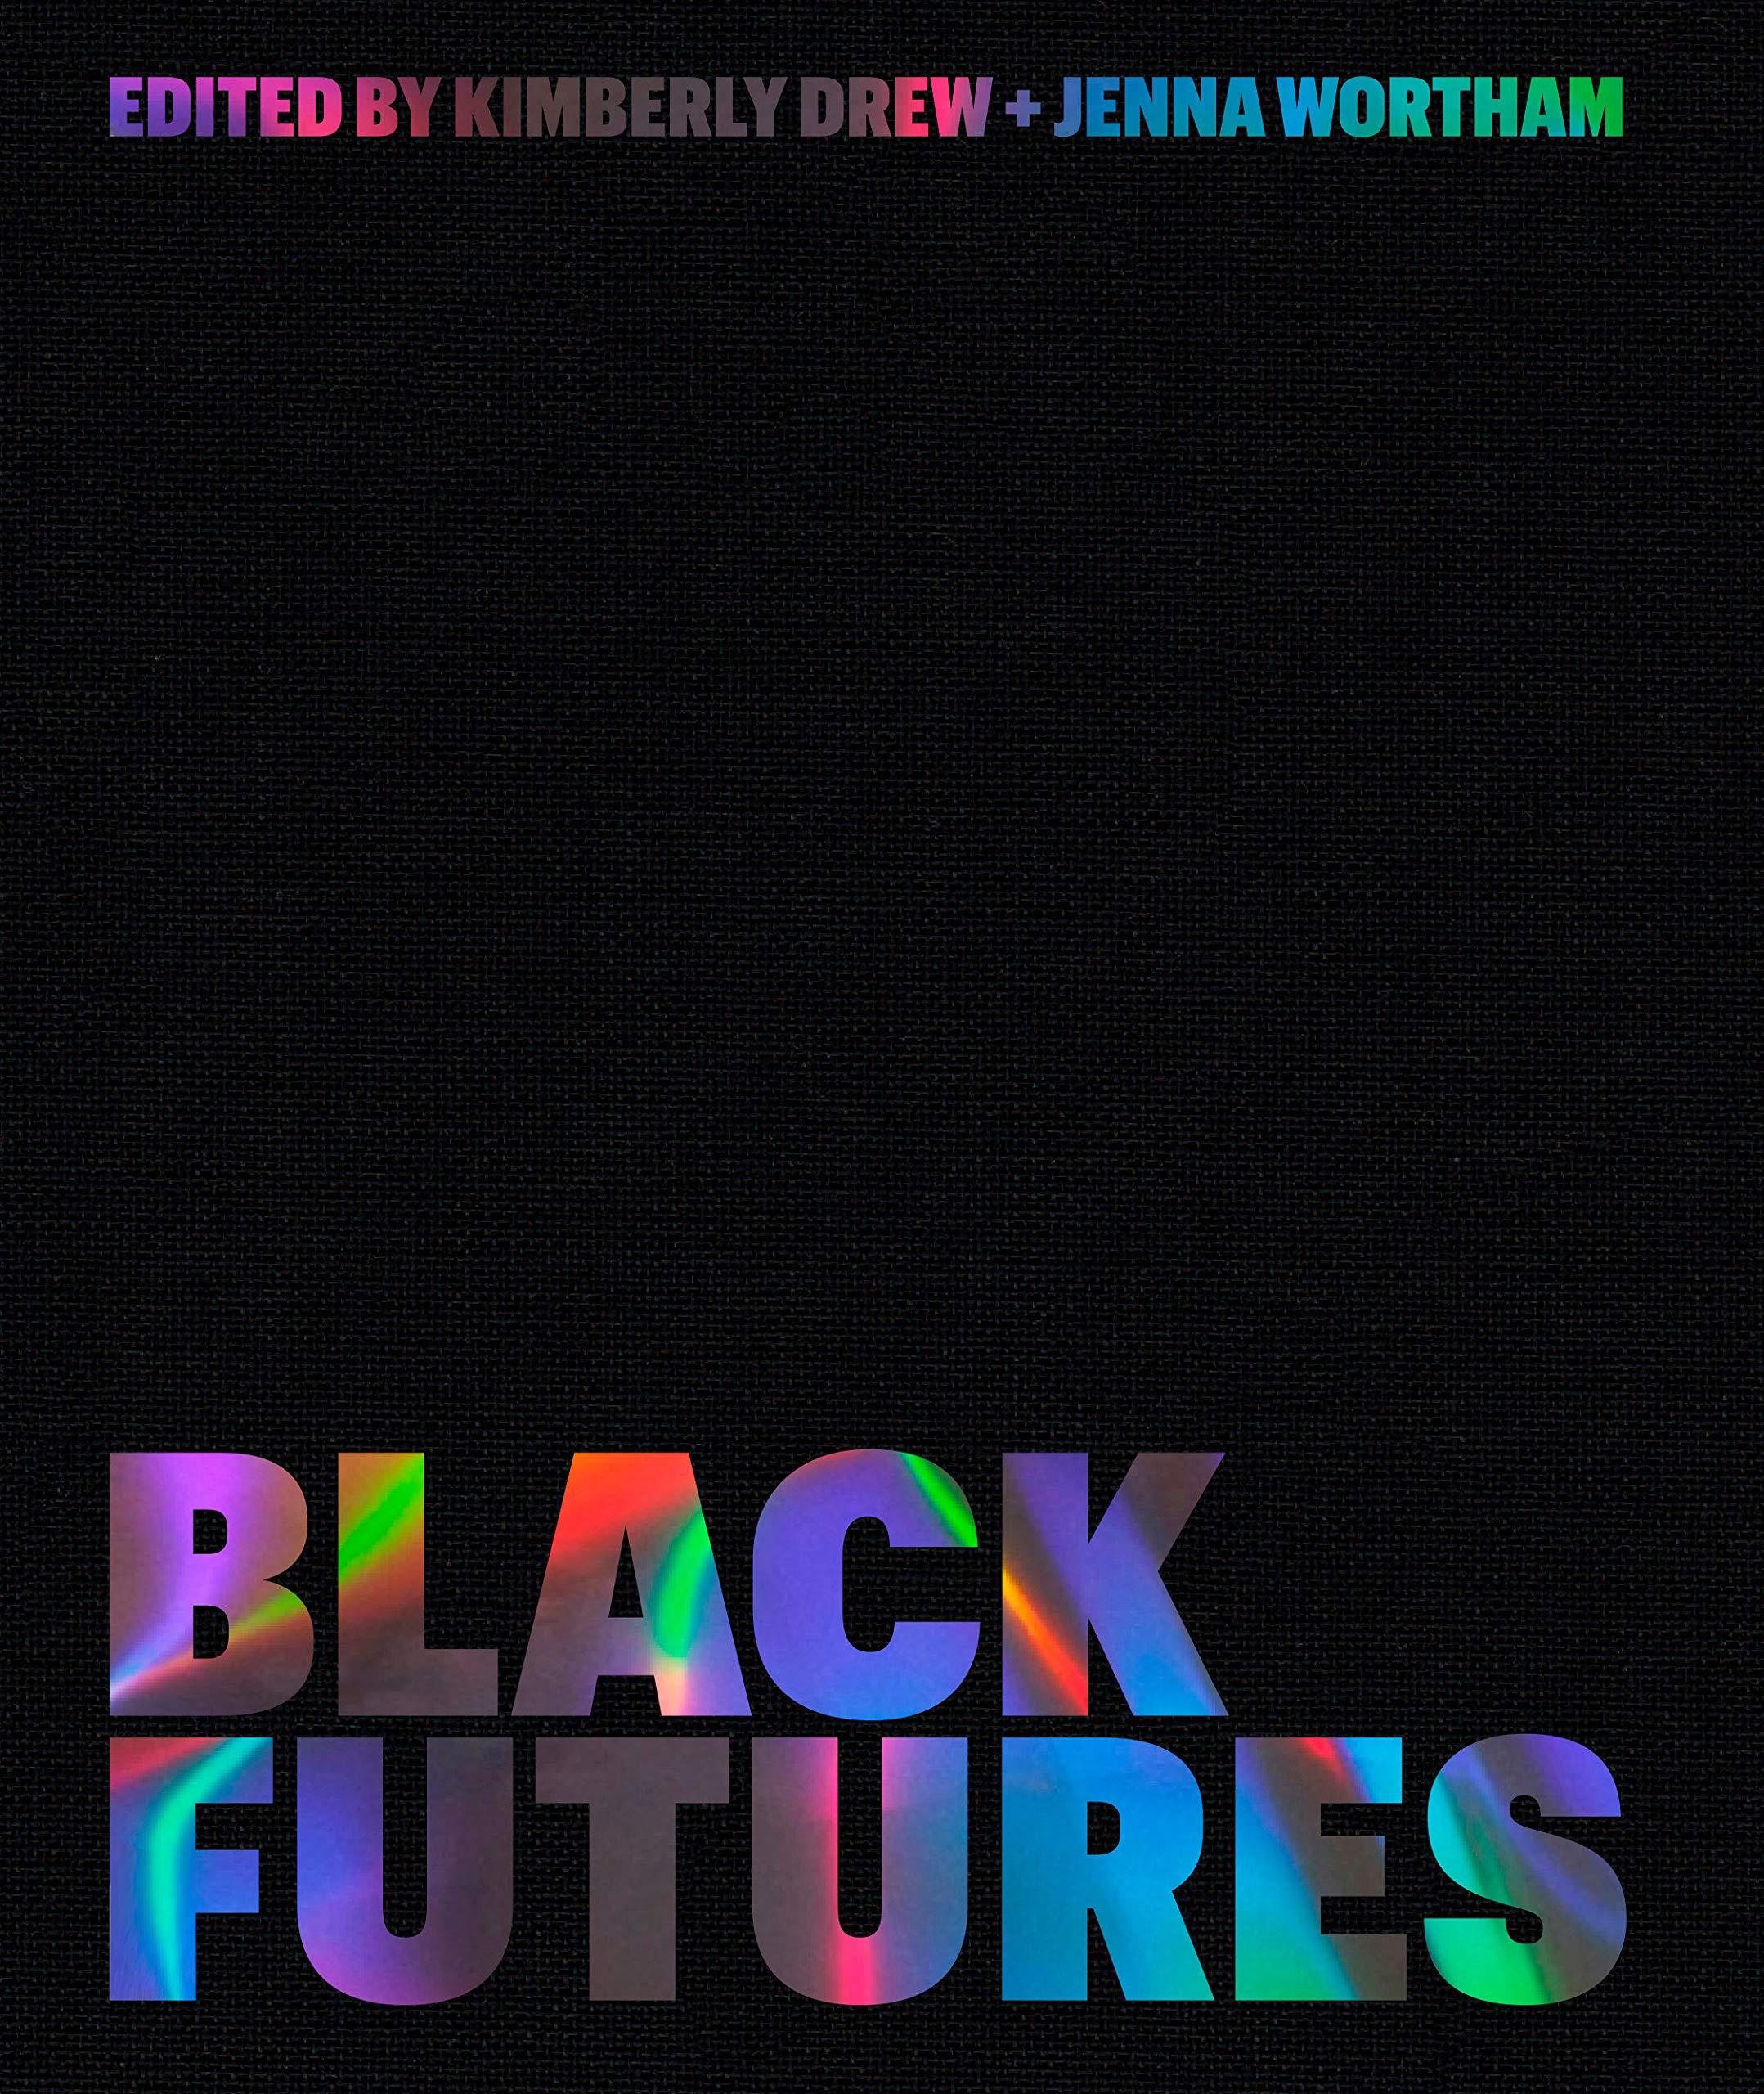 Black futures by Kimberly Drew & Jenna Wortham